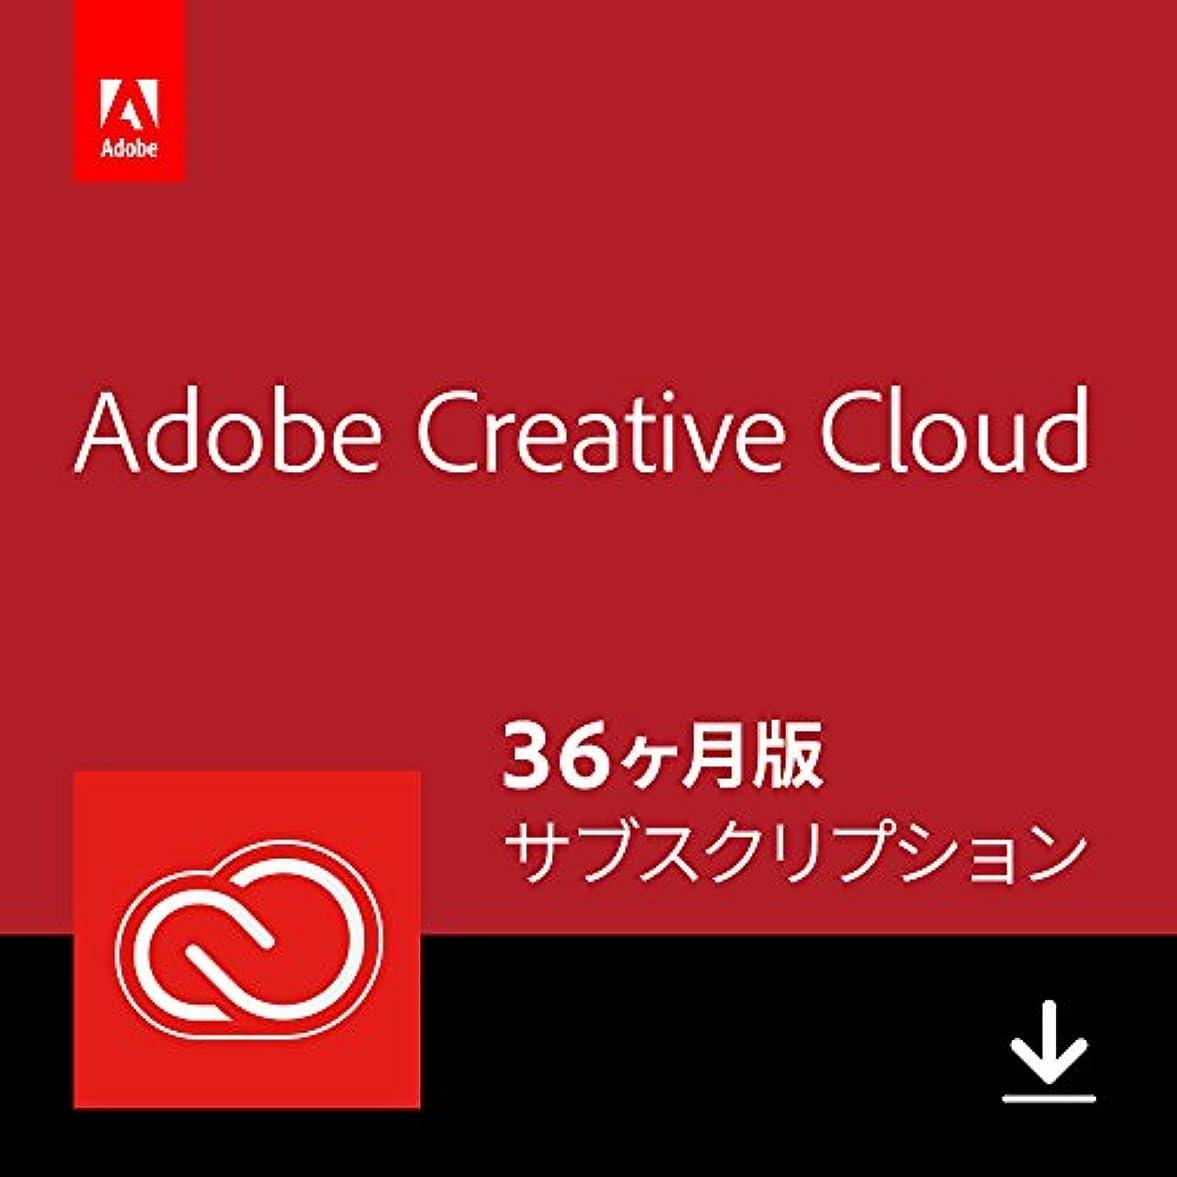 終点バースト識別するAdobe Creative Cloud コンプリート|36か月版|オンラインコード版(Amazon.co.jp限定)